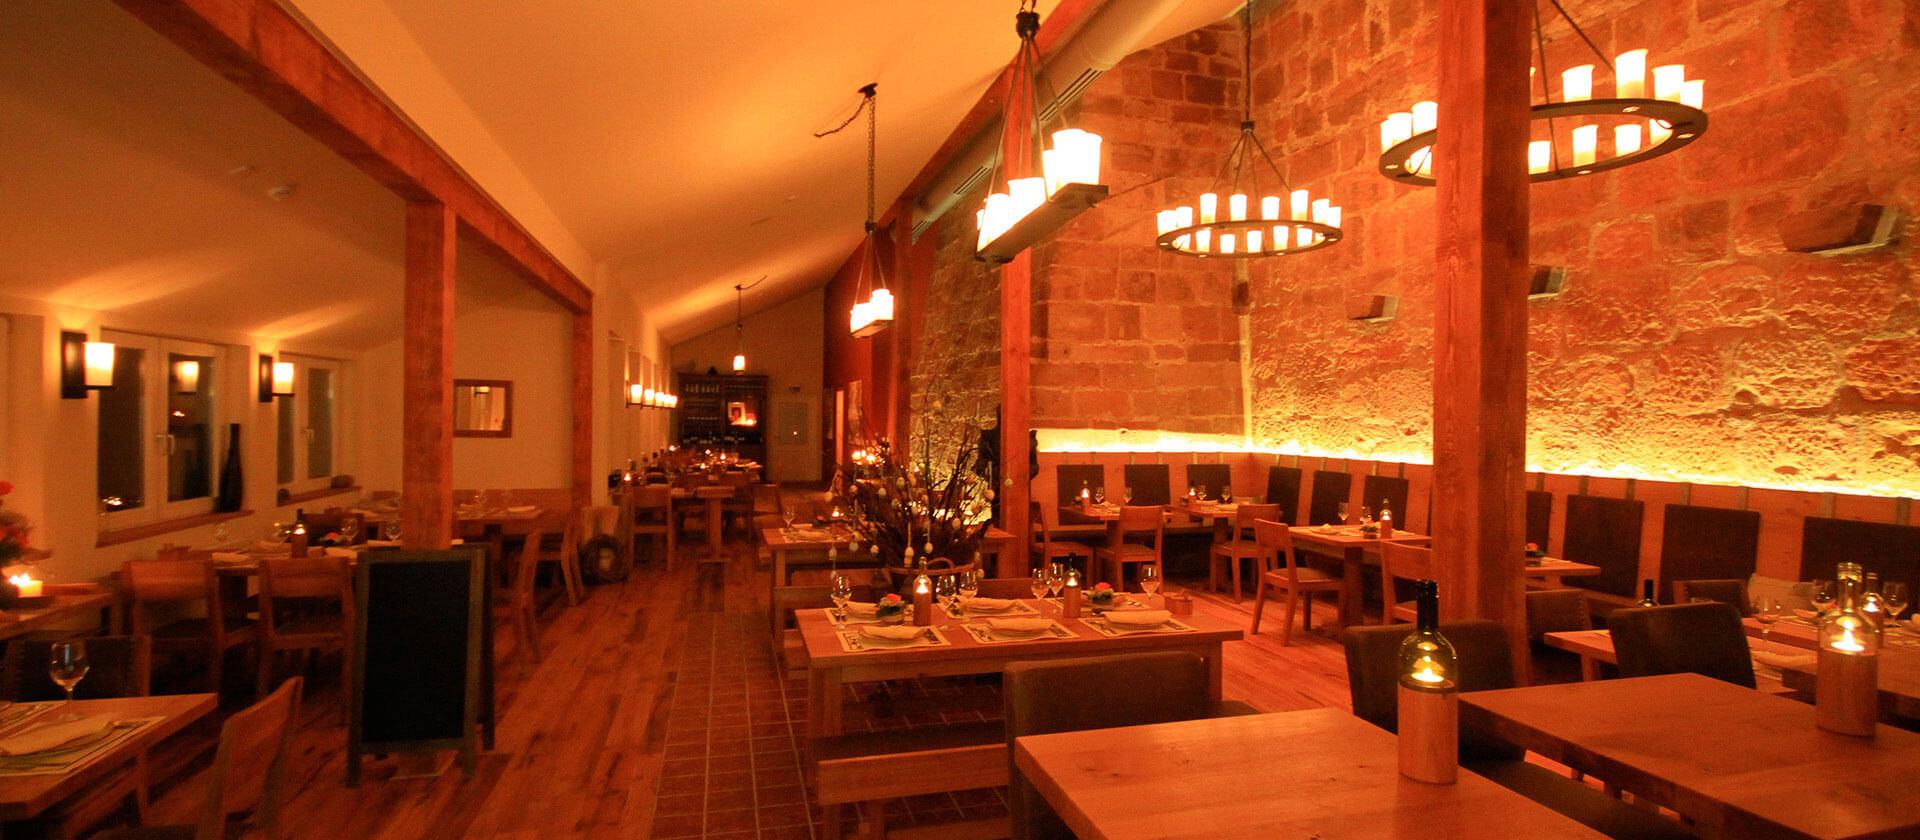 Zeit zu Zweit - Candlelight Dinner im Restaurant Bückingsgarten